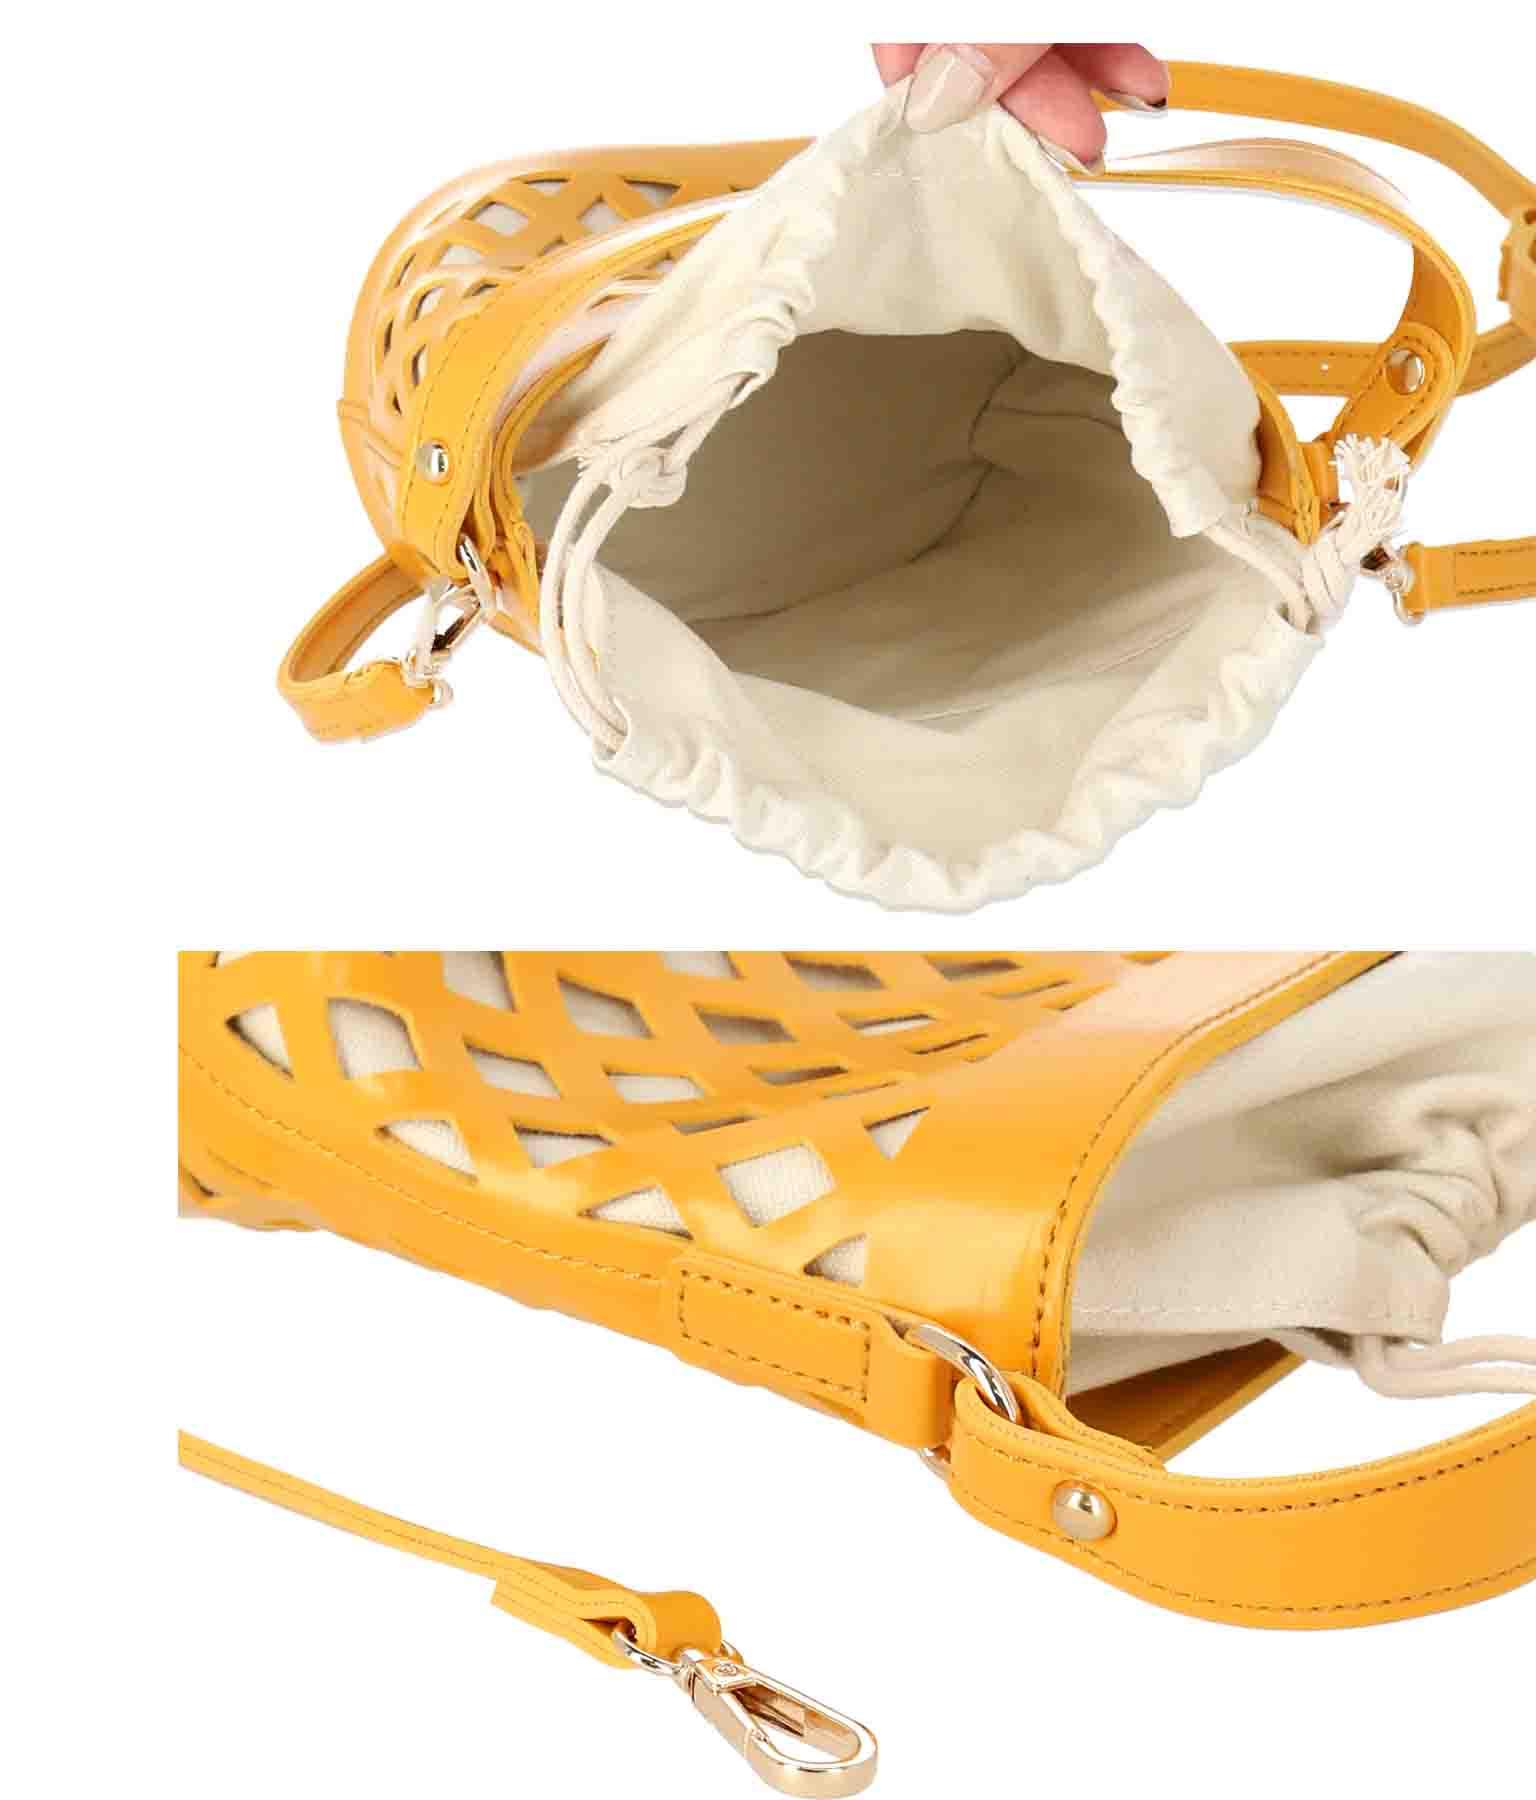 フェイクレザーカットワークミニバック(バッグ・鞄・小物/ショルダーバッグ) | ANAP